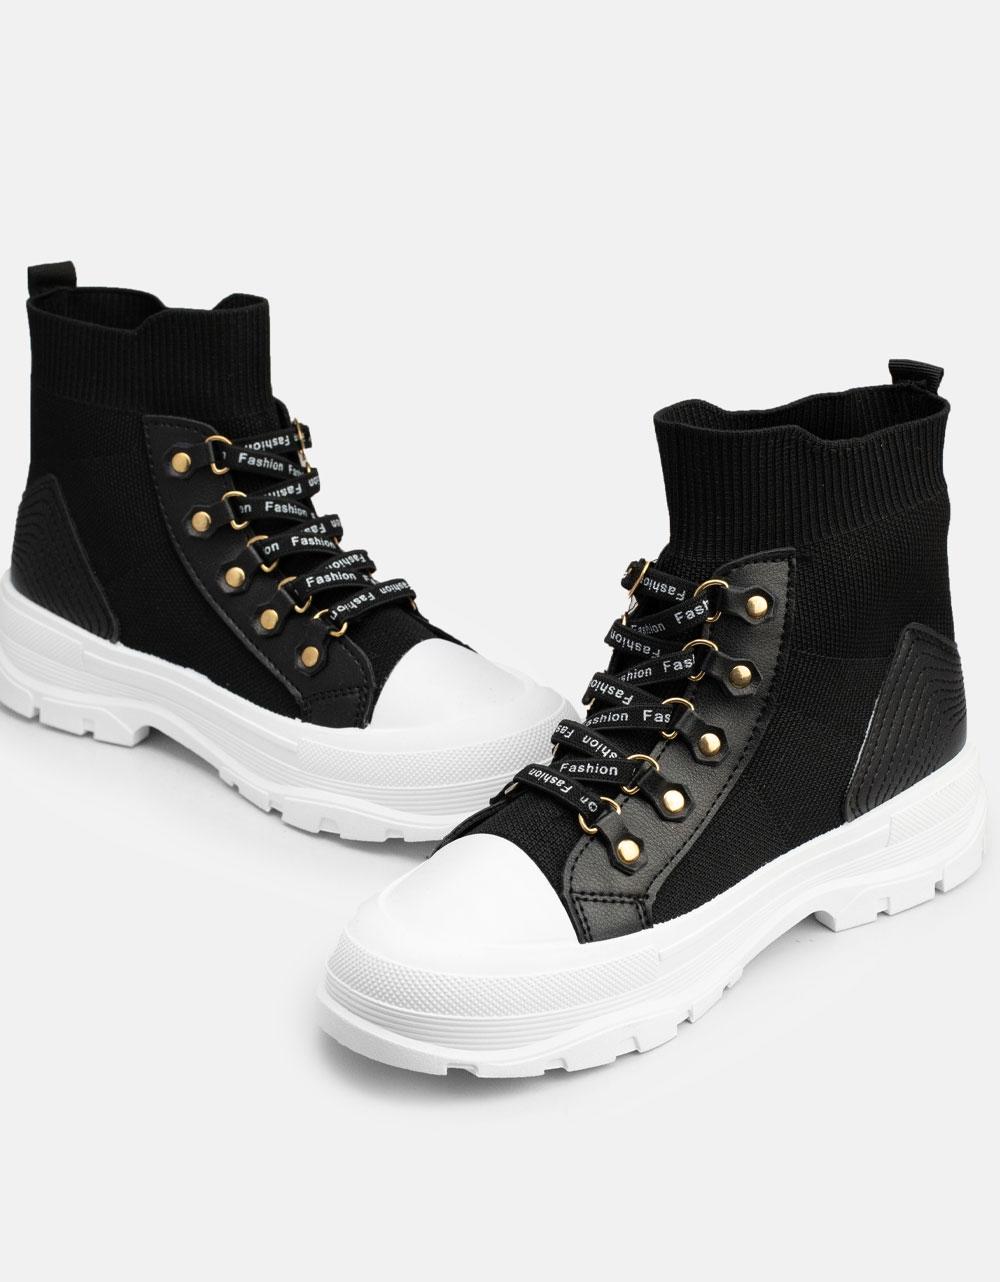 Εικόνα από Γυναικεία Chunky sneakers slip on Μαύρο